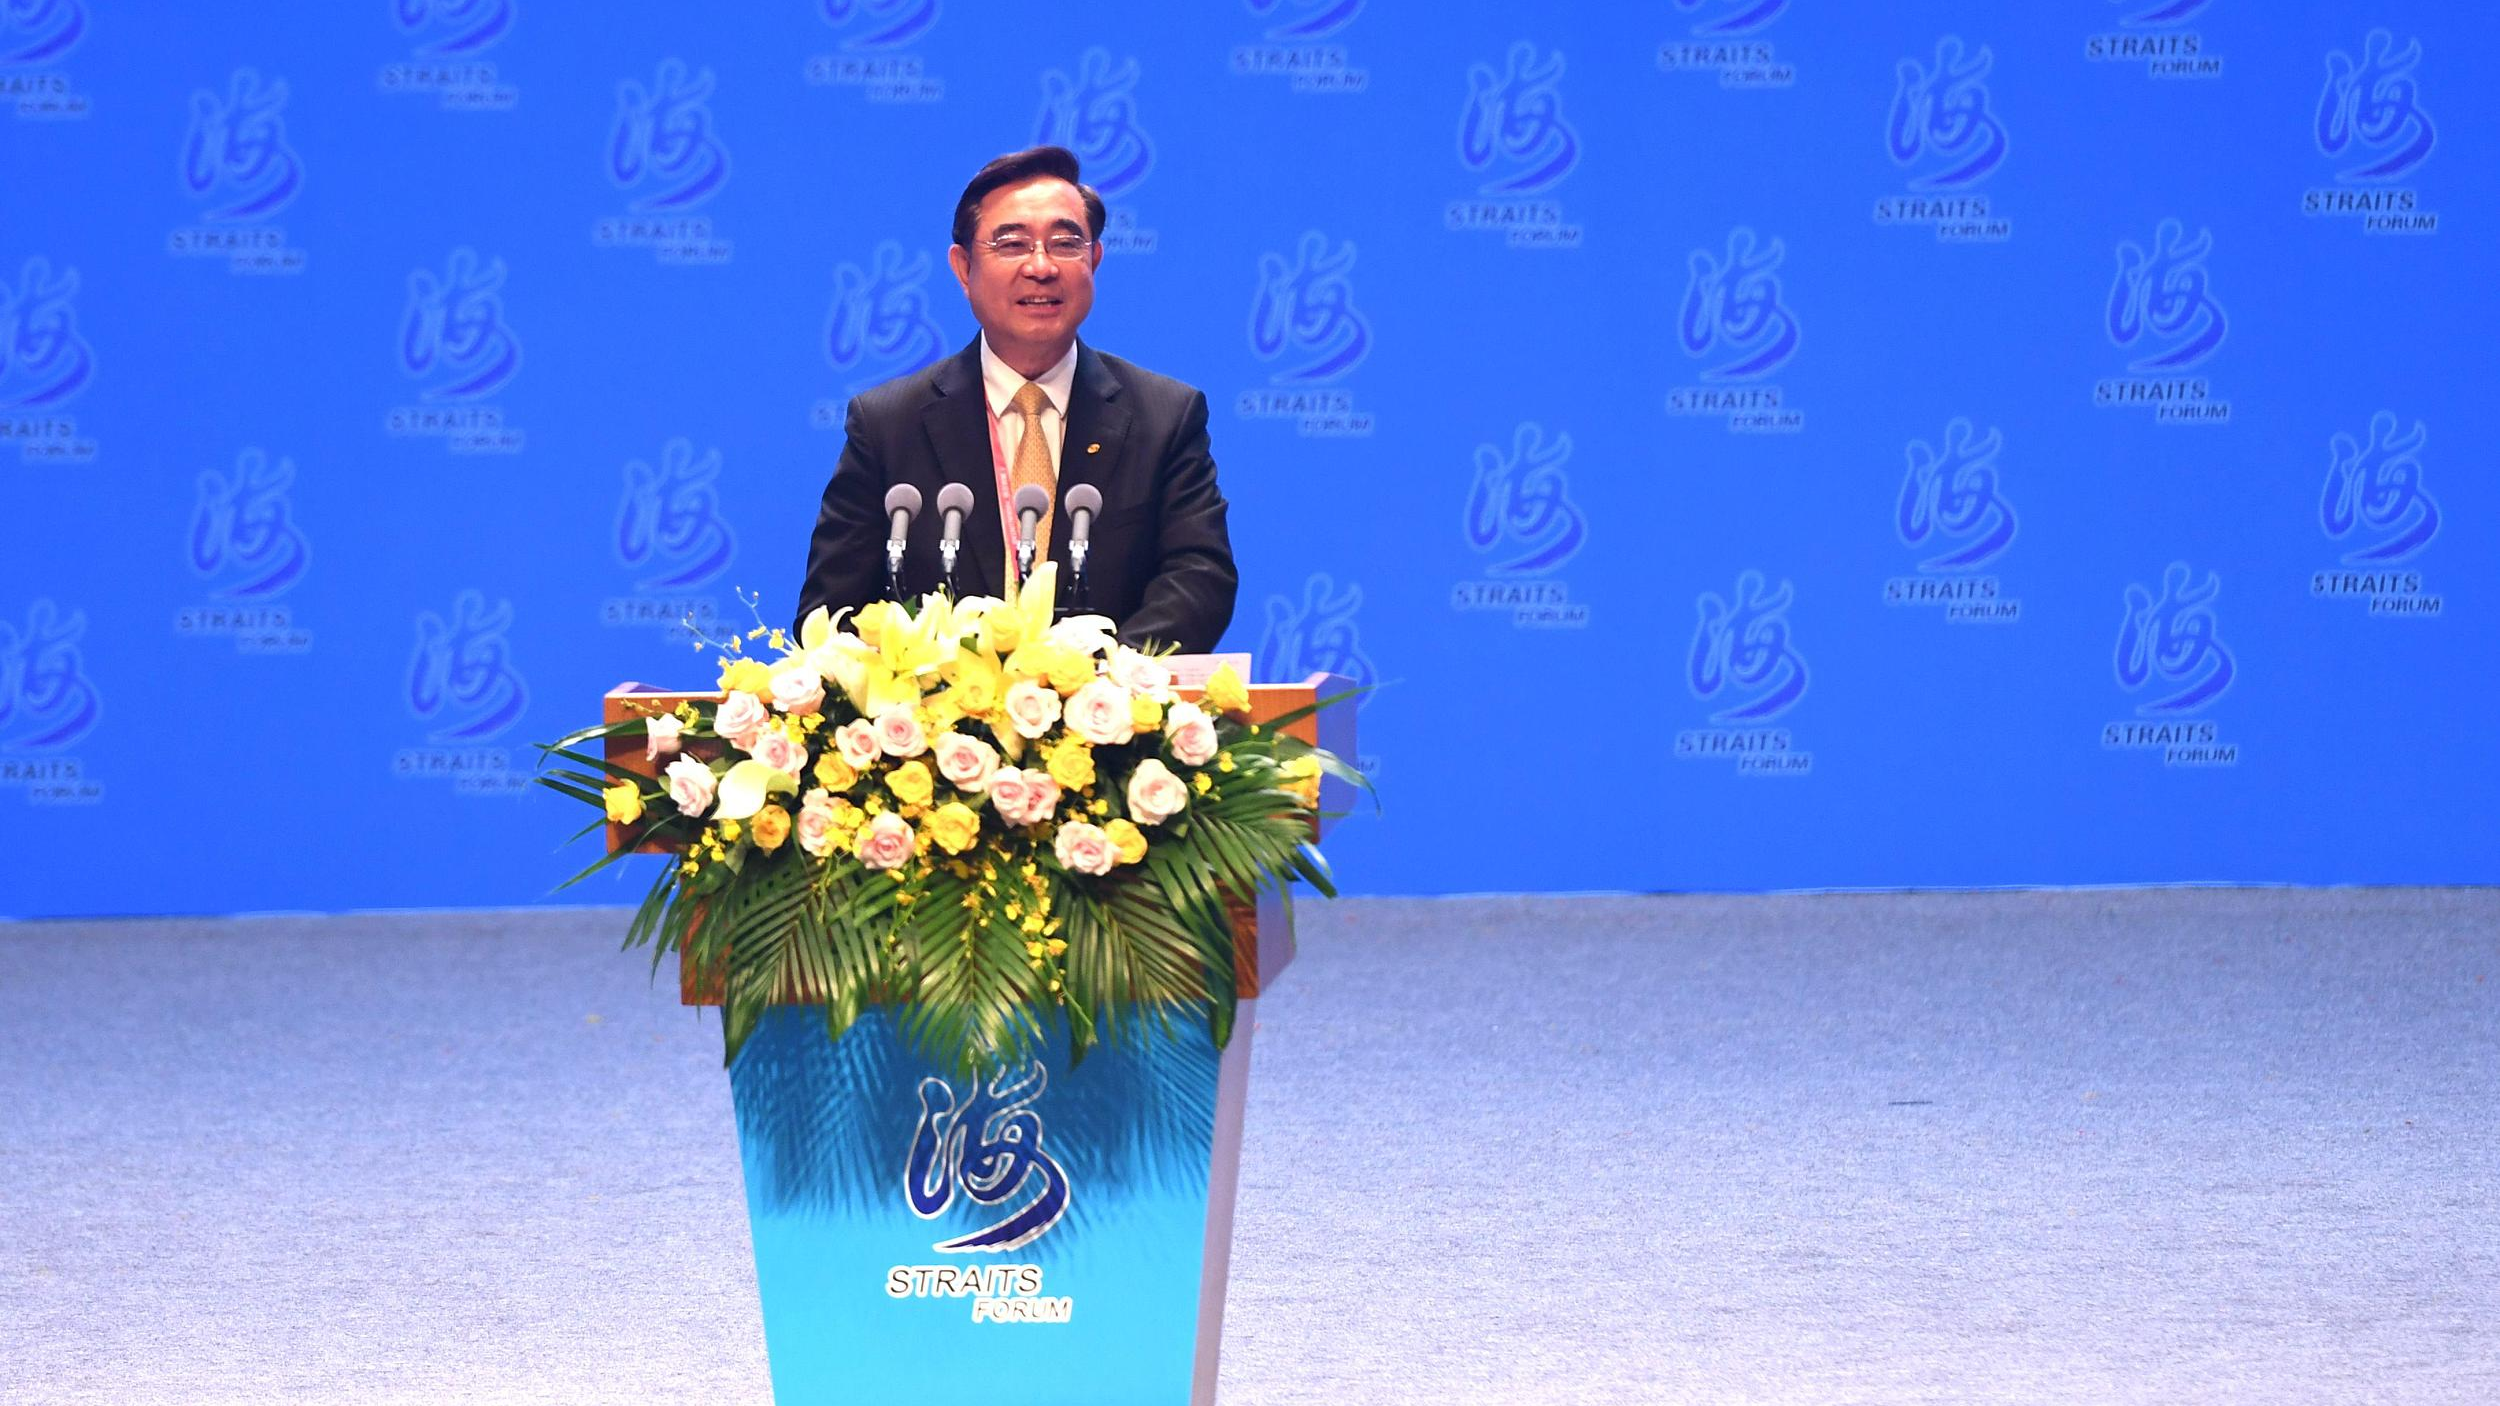 台湾新党主席吴成典文章:建党百年的中共与两岸情势